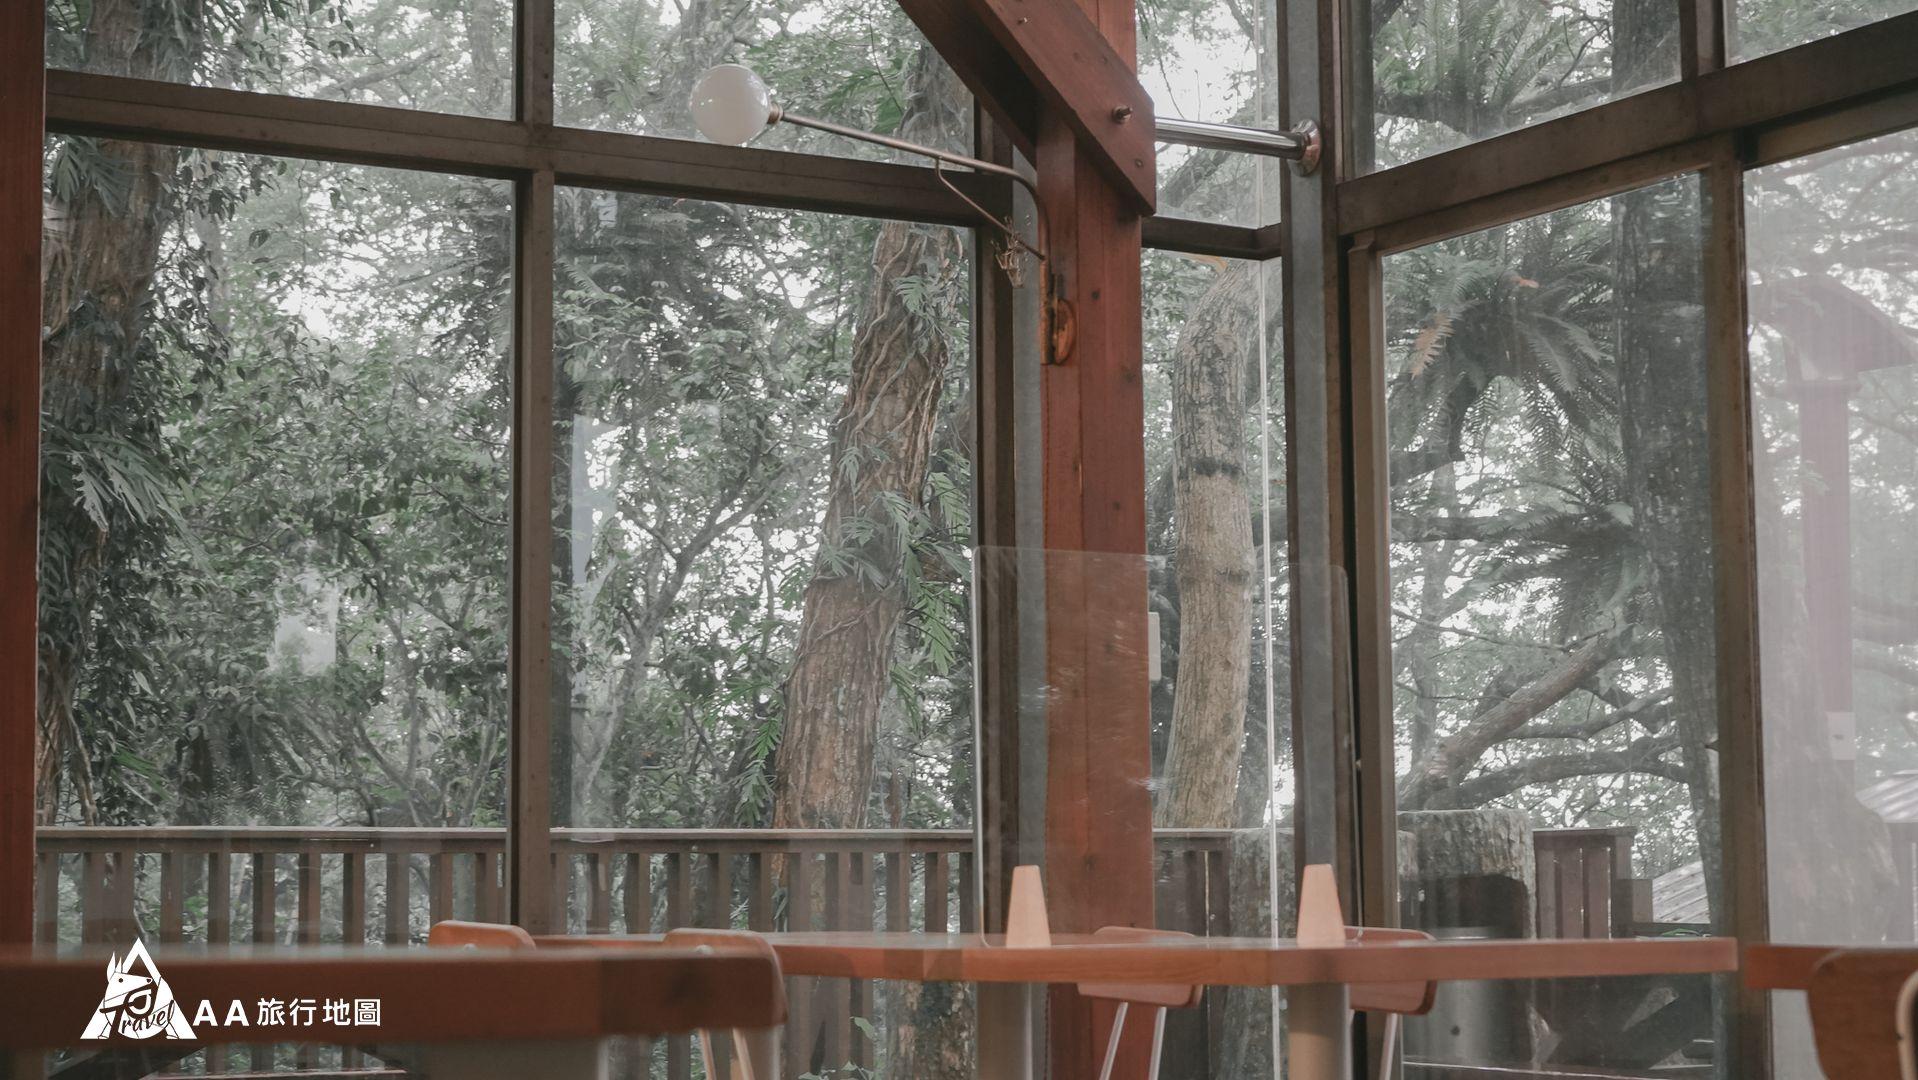 鳳凰亭序 餐廳的採光非常好,而且有一種在大自然中用餐的感覺